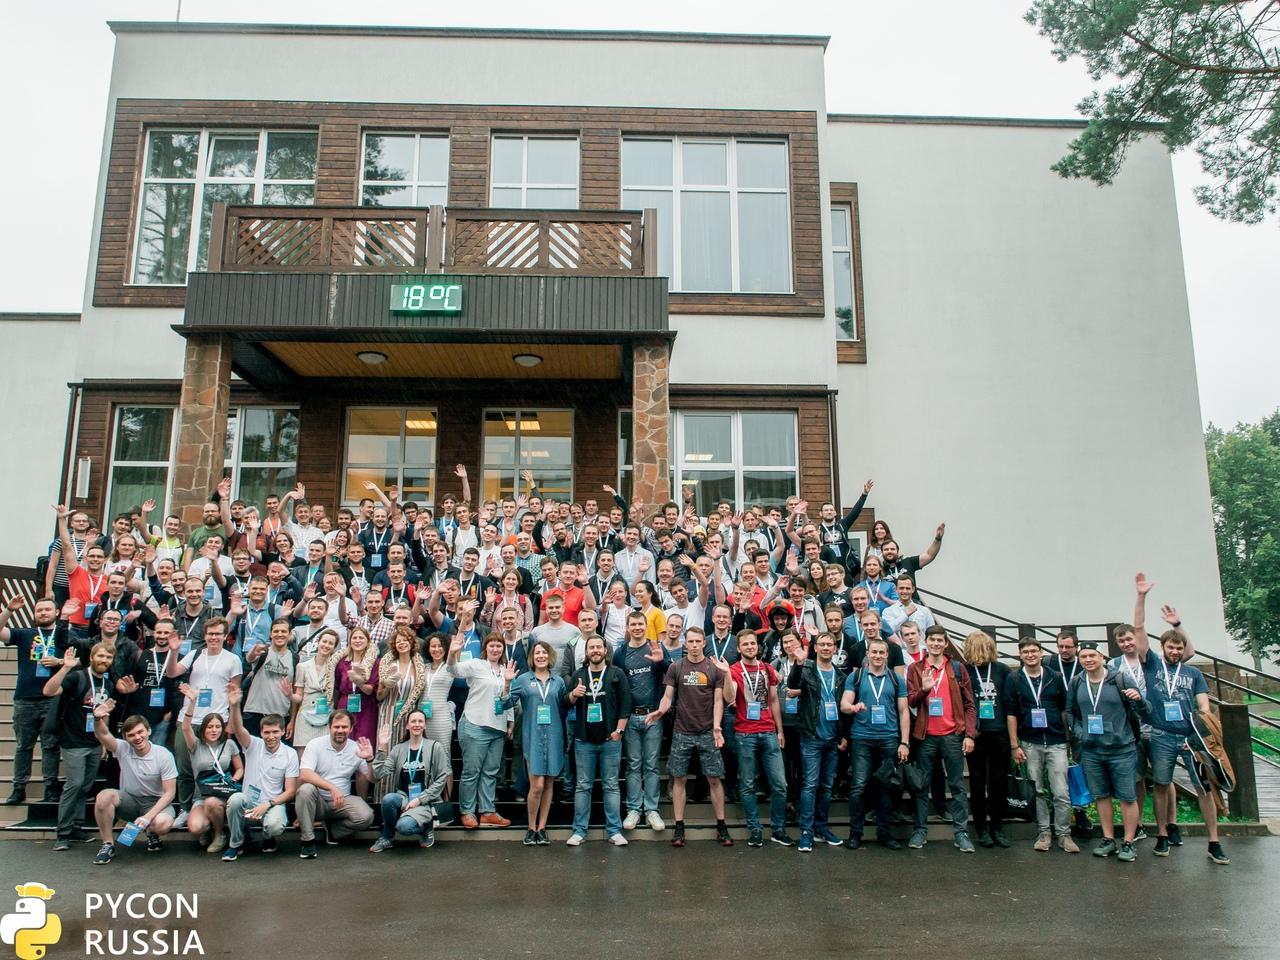 Конференция PyCon Russia 2018: видео всех докладов и презентации - 2